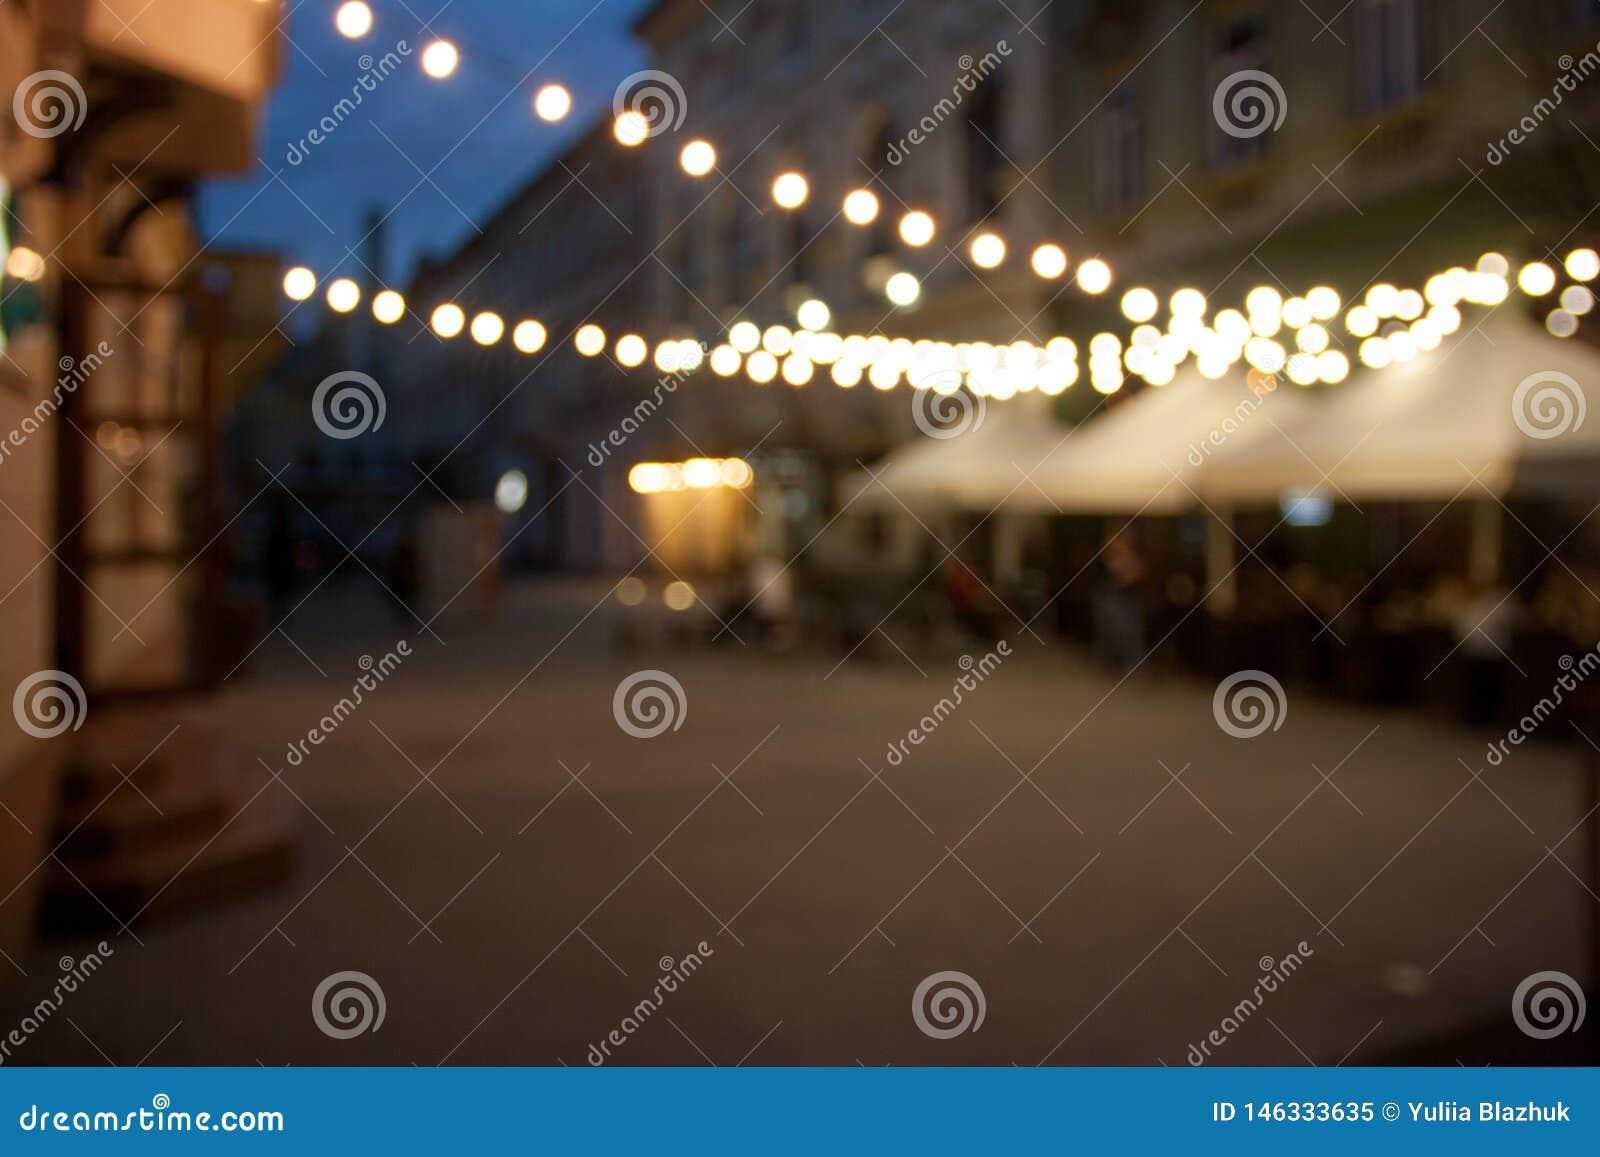 Fondo vac?o borroso de la calle de la ciudad de la noche con el bokeh